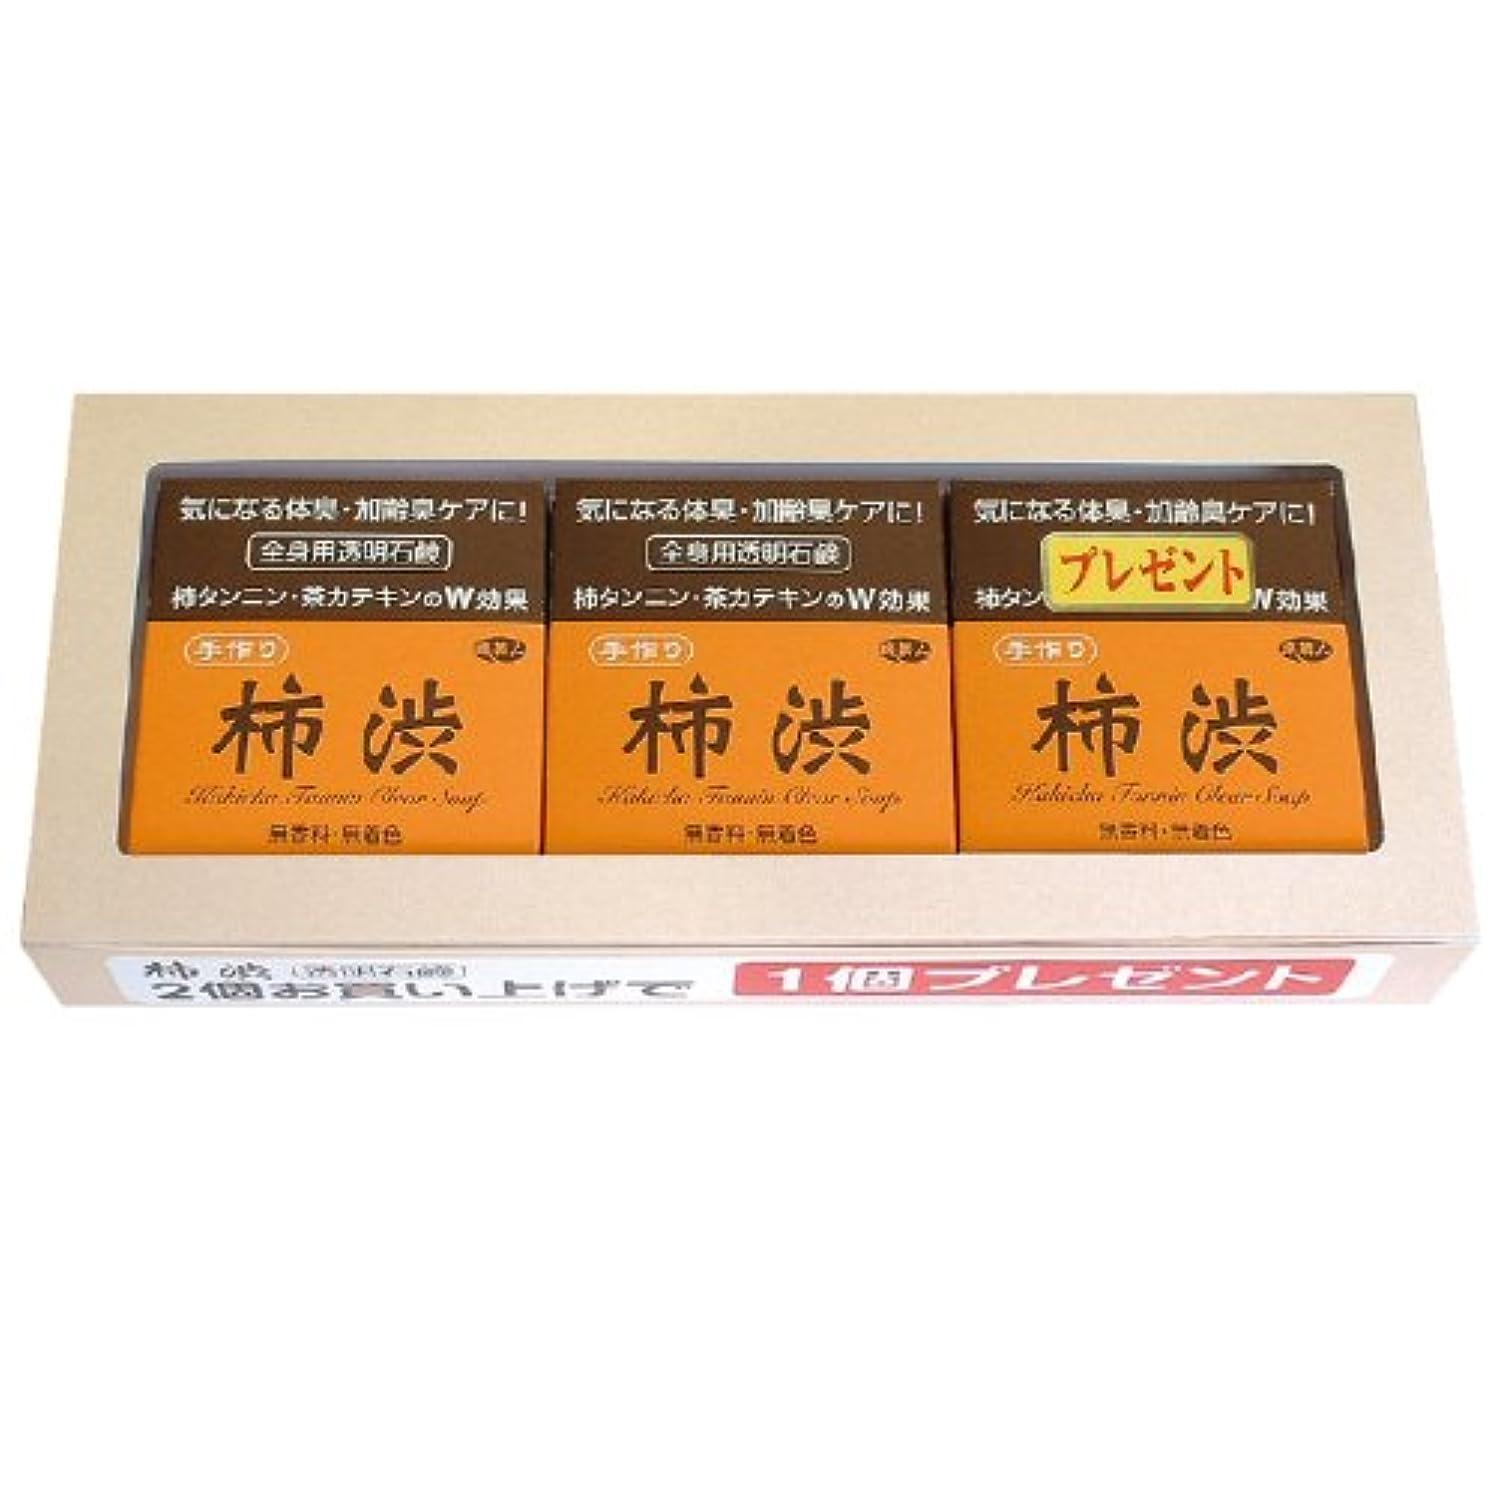 印象弾性割れ目アズマ商事の 柿渋透明石鹸 2個の値段で3個入りセット